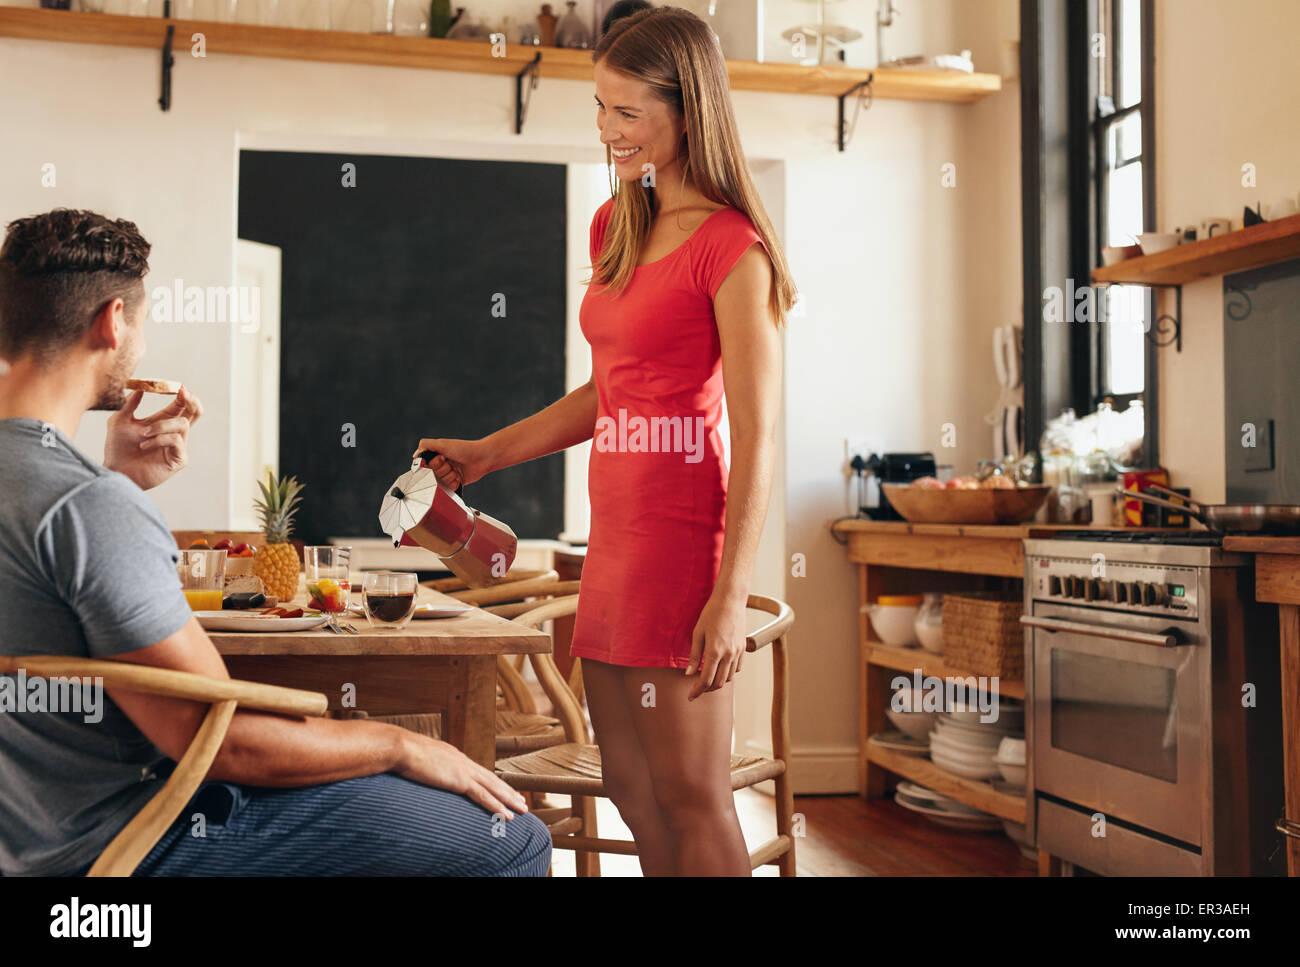 Tourné à l'intérieur du couple having breakfast in cuisine domestique. Jeune femme debout et Photo Stock